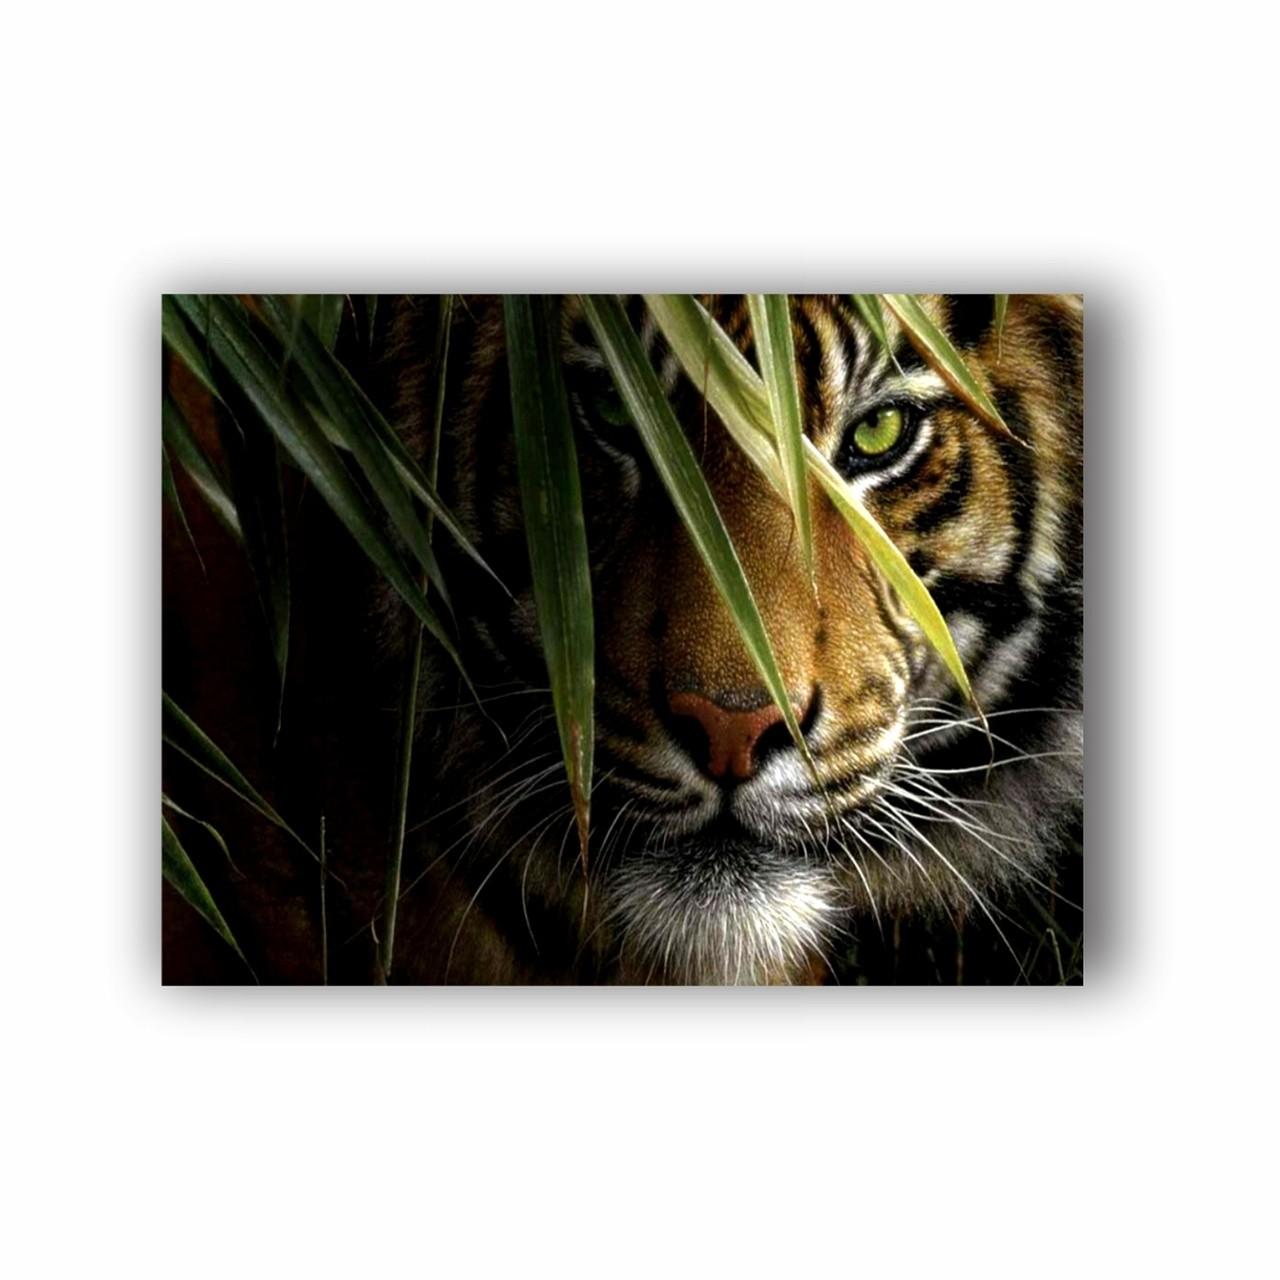 Quadro Tigre Natureza Folhas - Tela Única